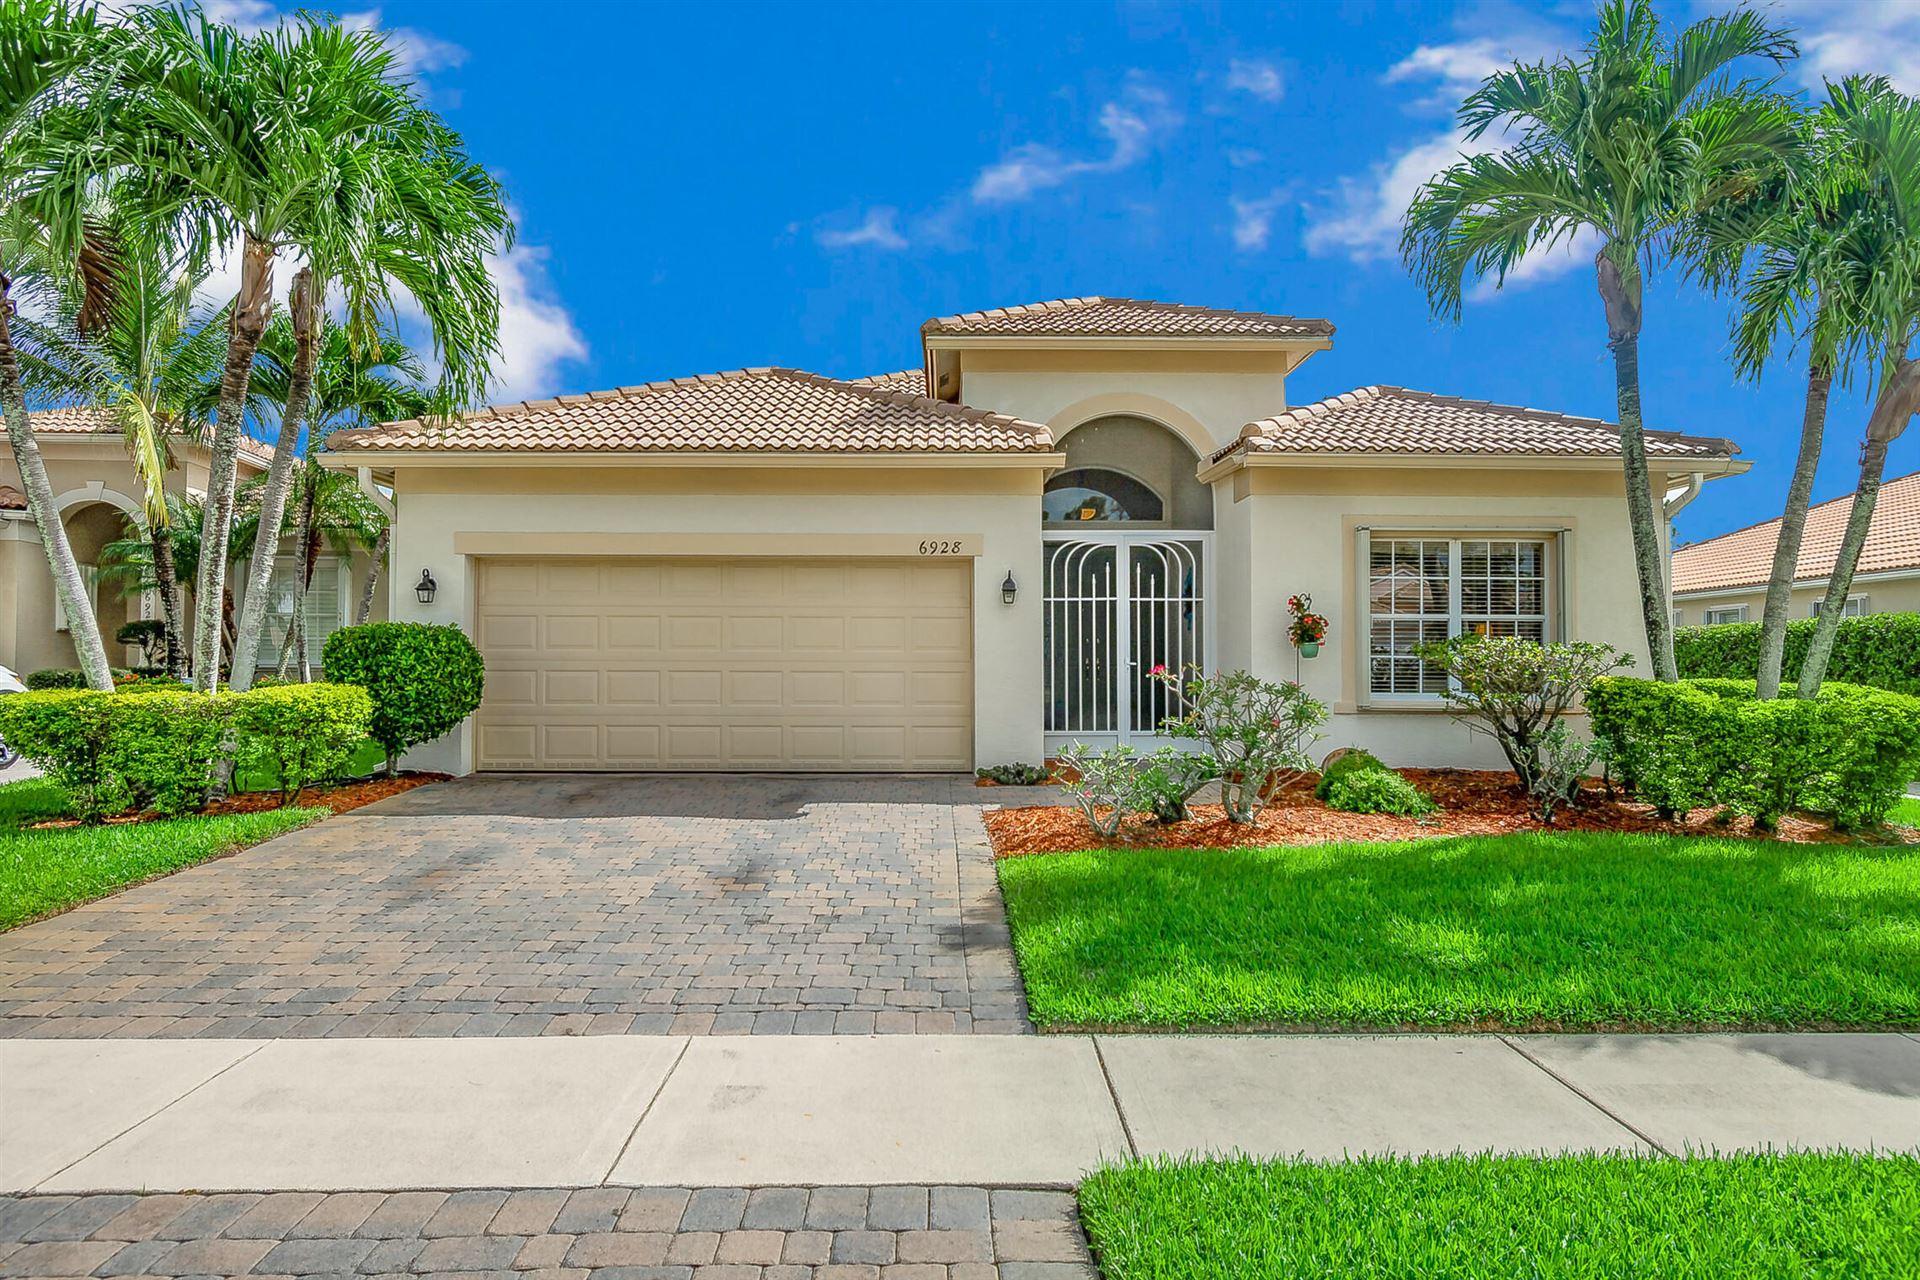 6928 SE Twin Oaks Circle, Stuart, FL 34997 - #: RX-10735830